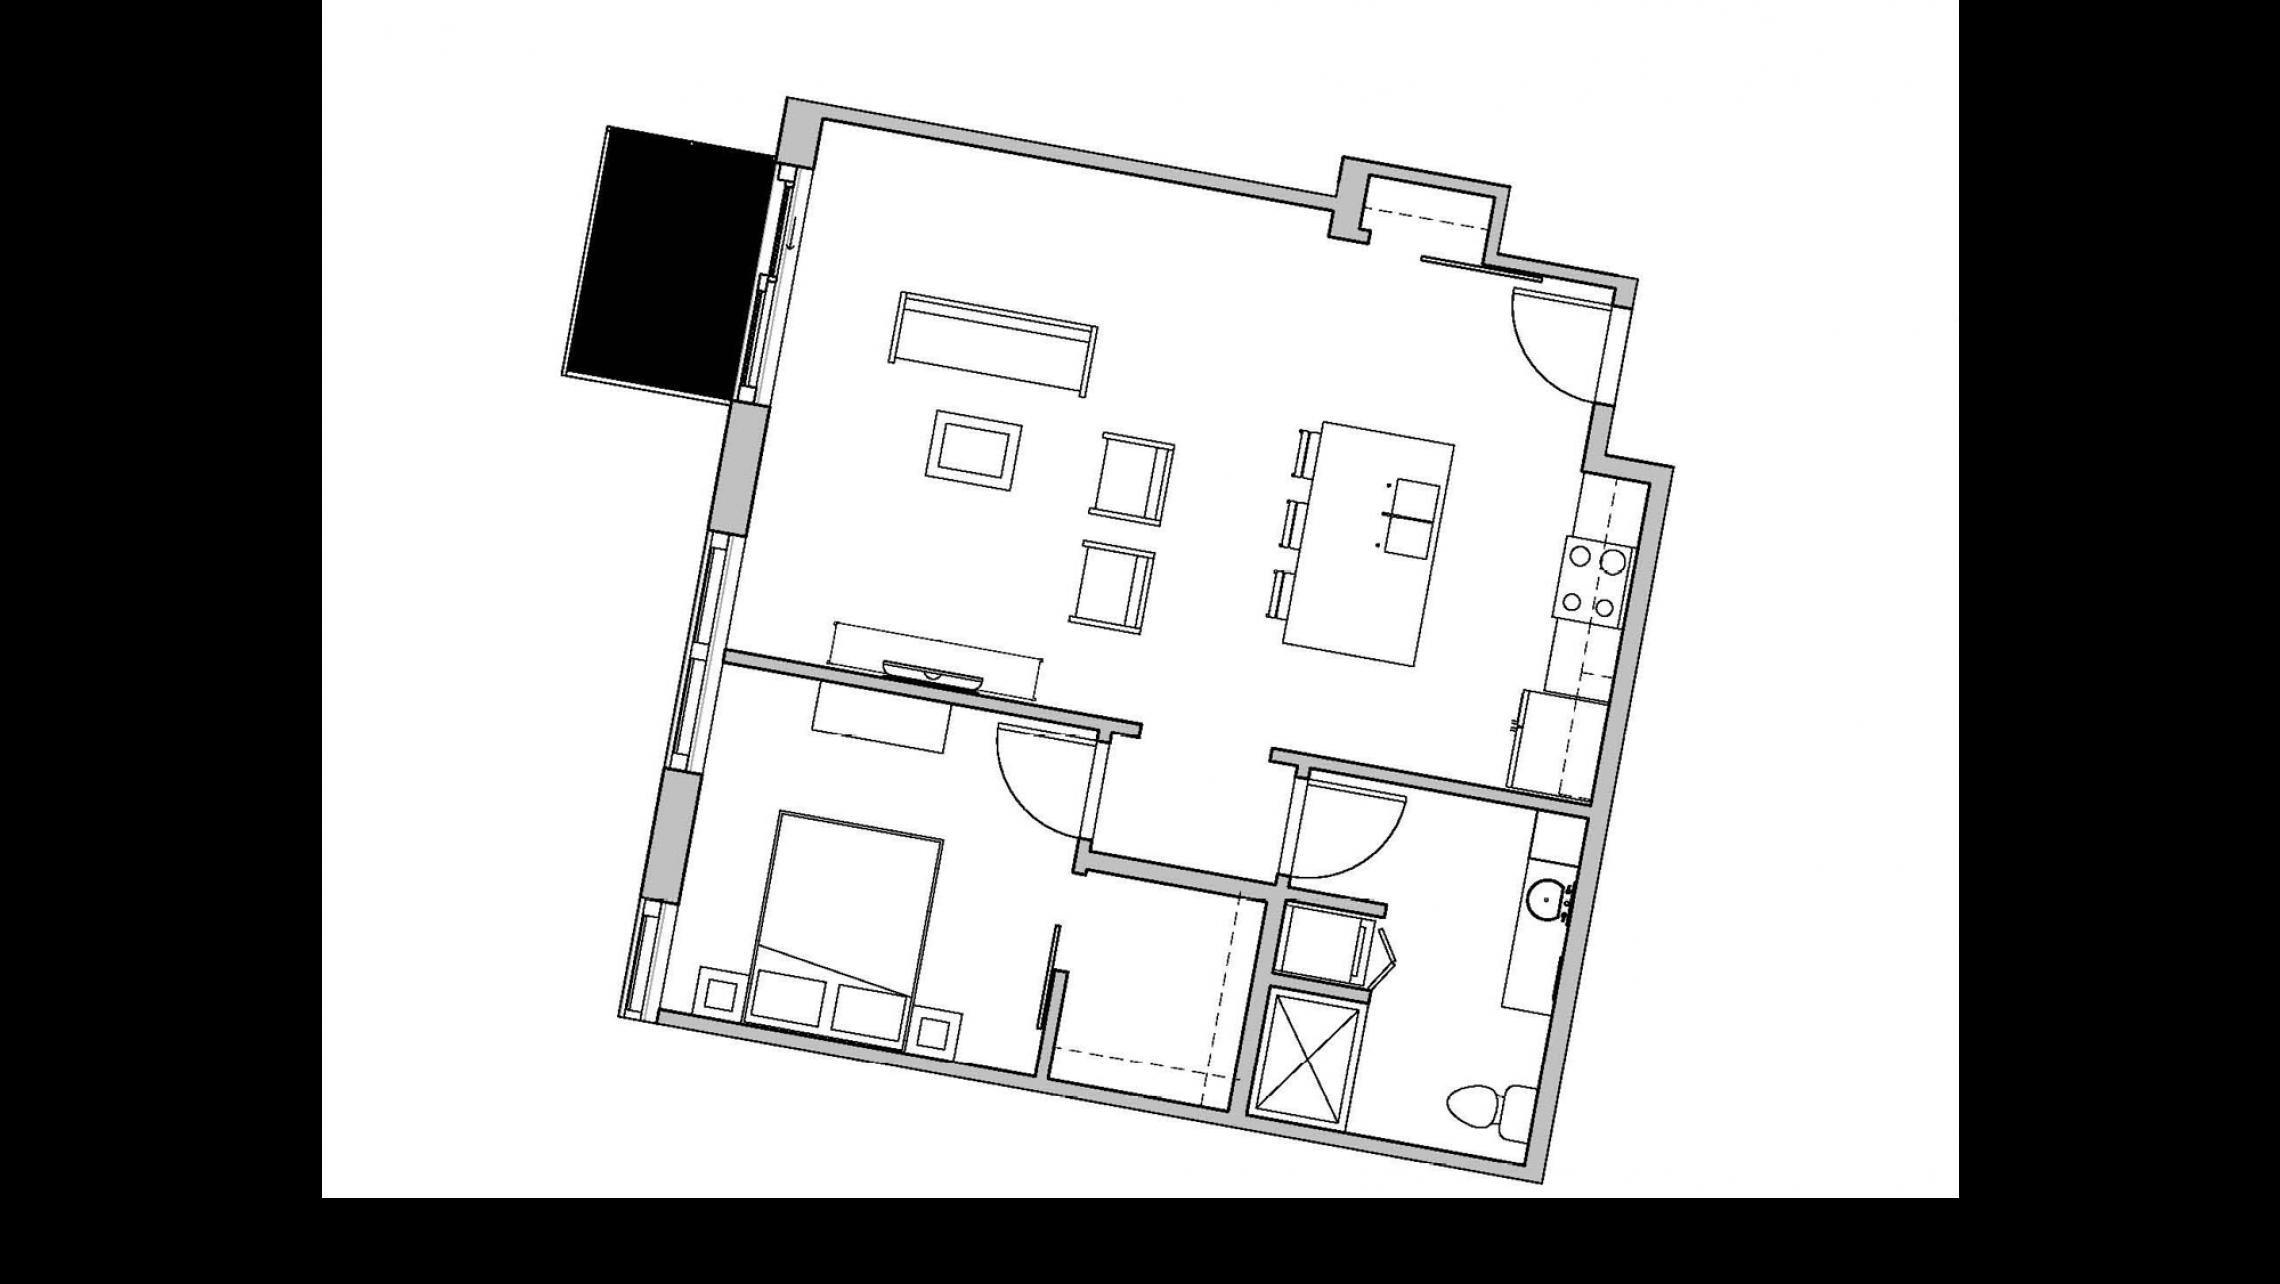 ULI Seven27 332 - One Bedroom, One Bathroom